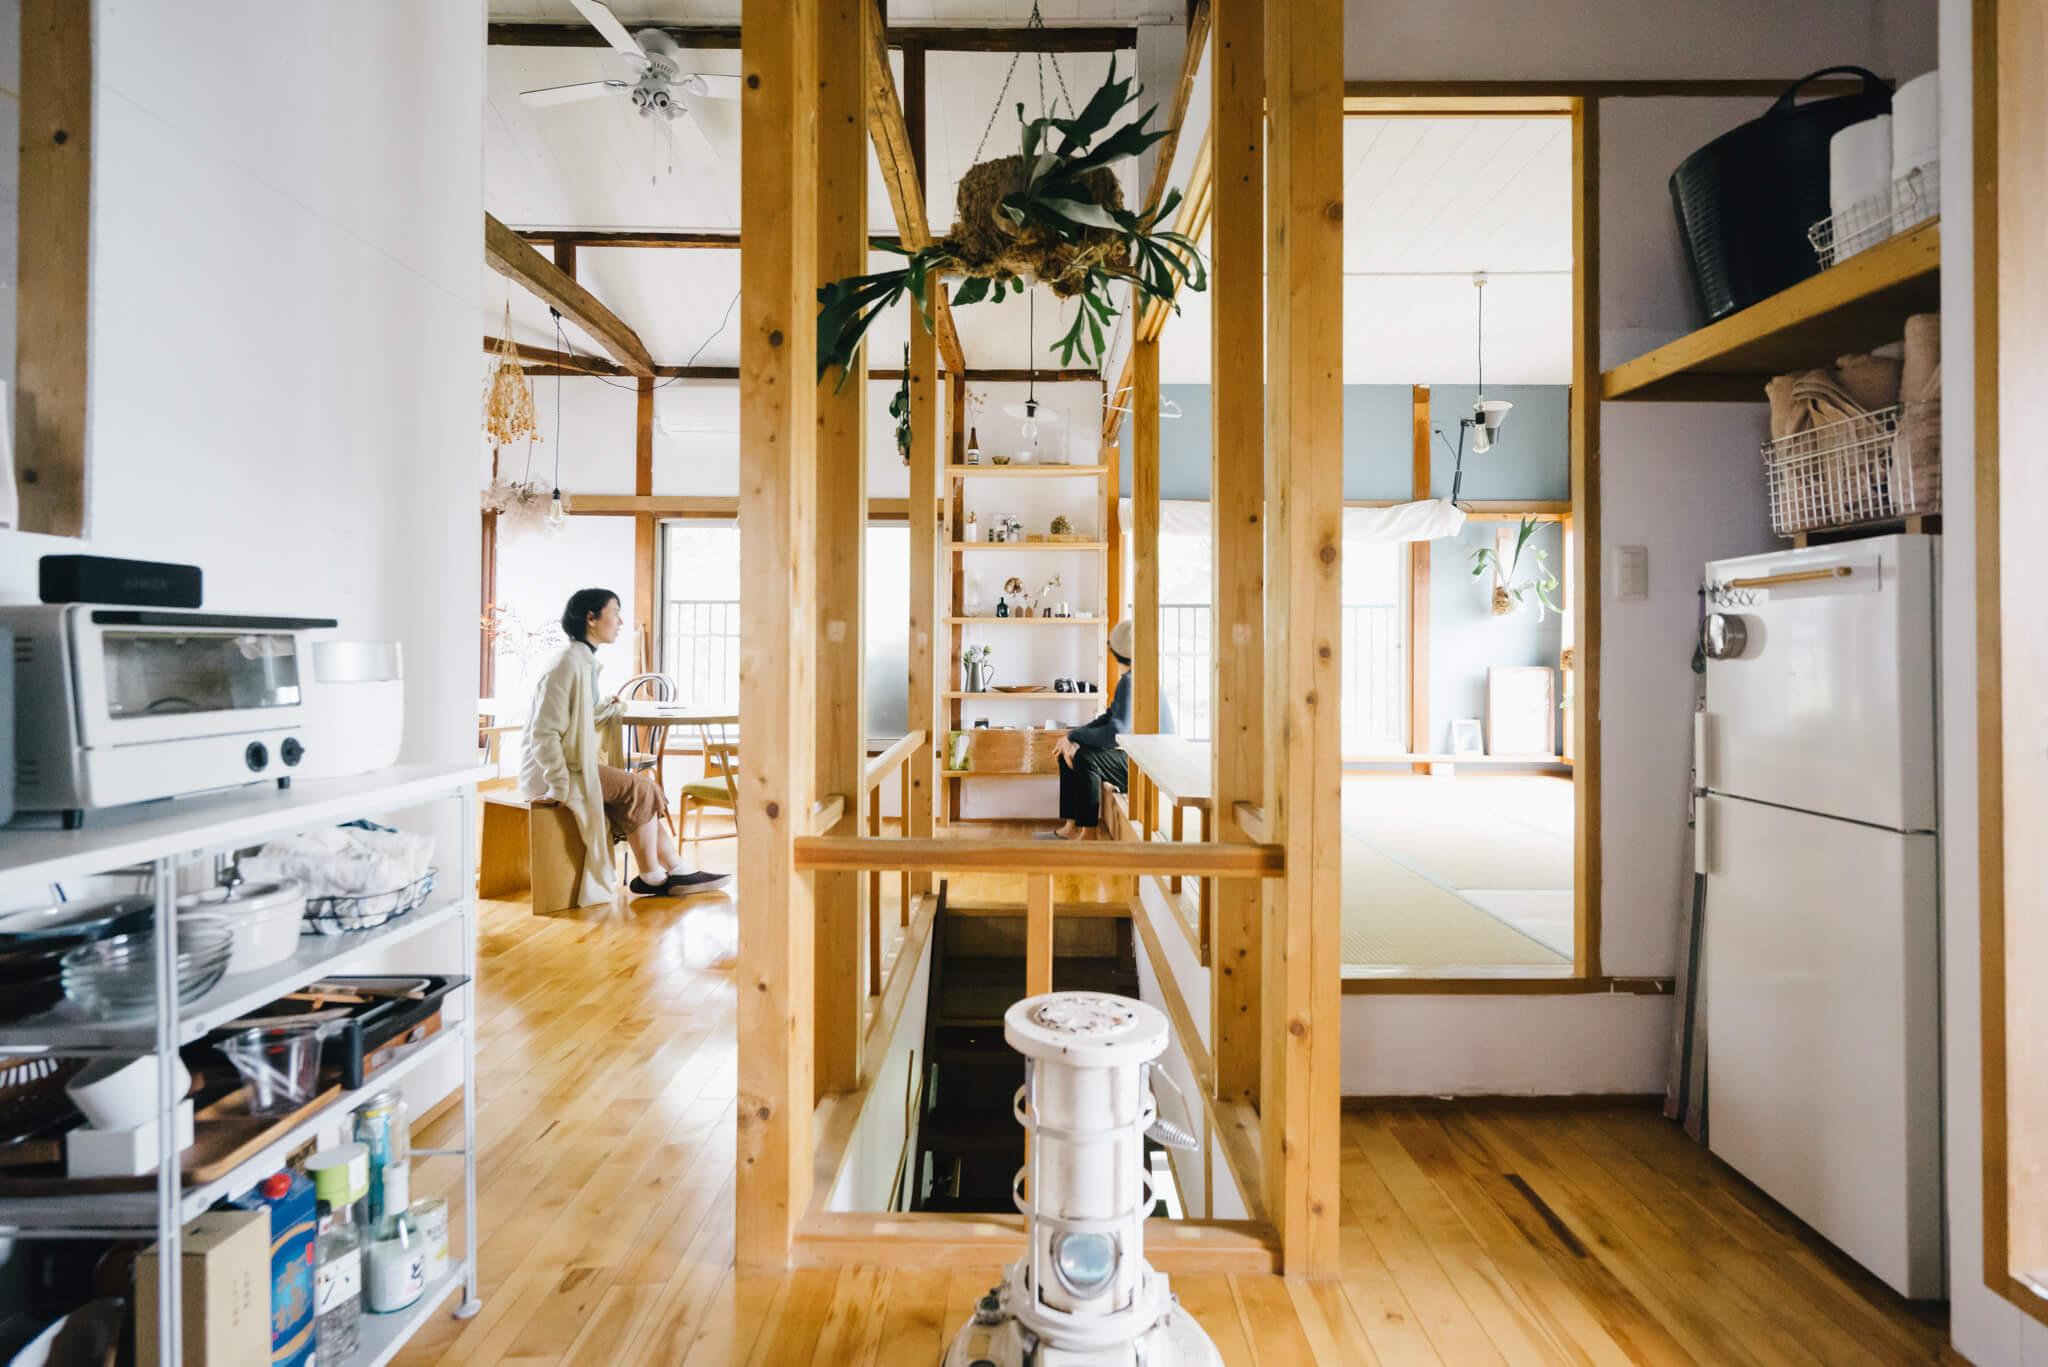 キッチンから、リビング・ダイニングのスペース、それに畳の小上がりまで、ゆるく仕切られながらひとつの開放的な空間に。